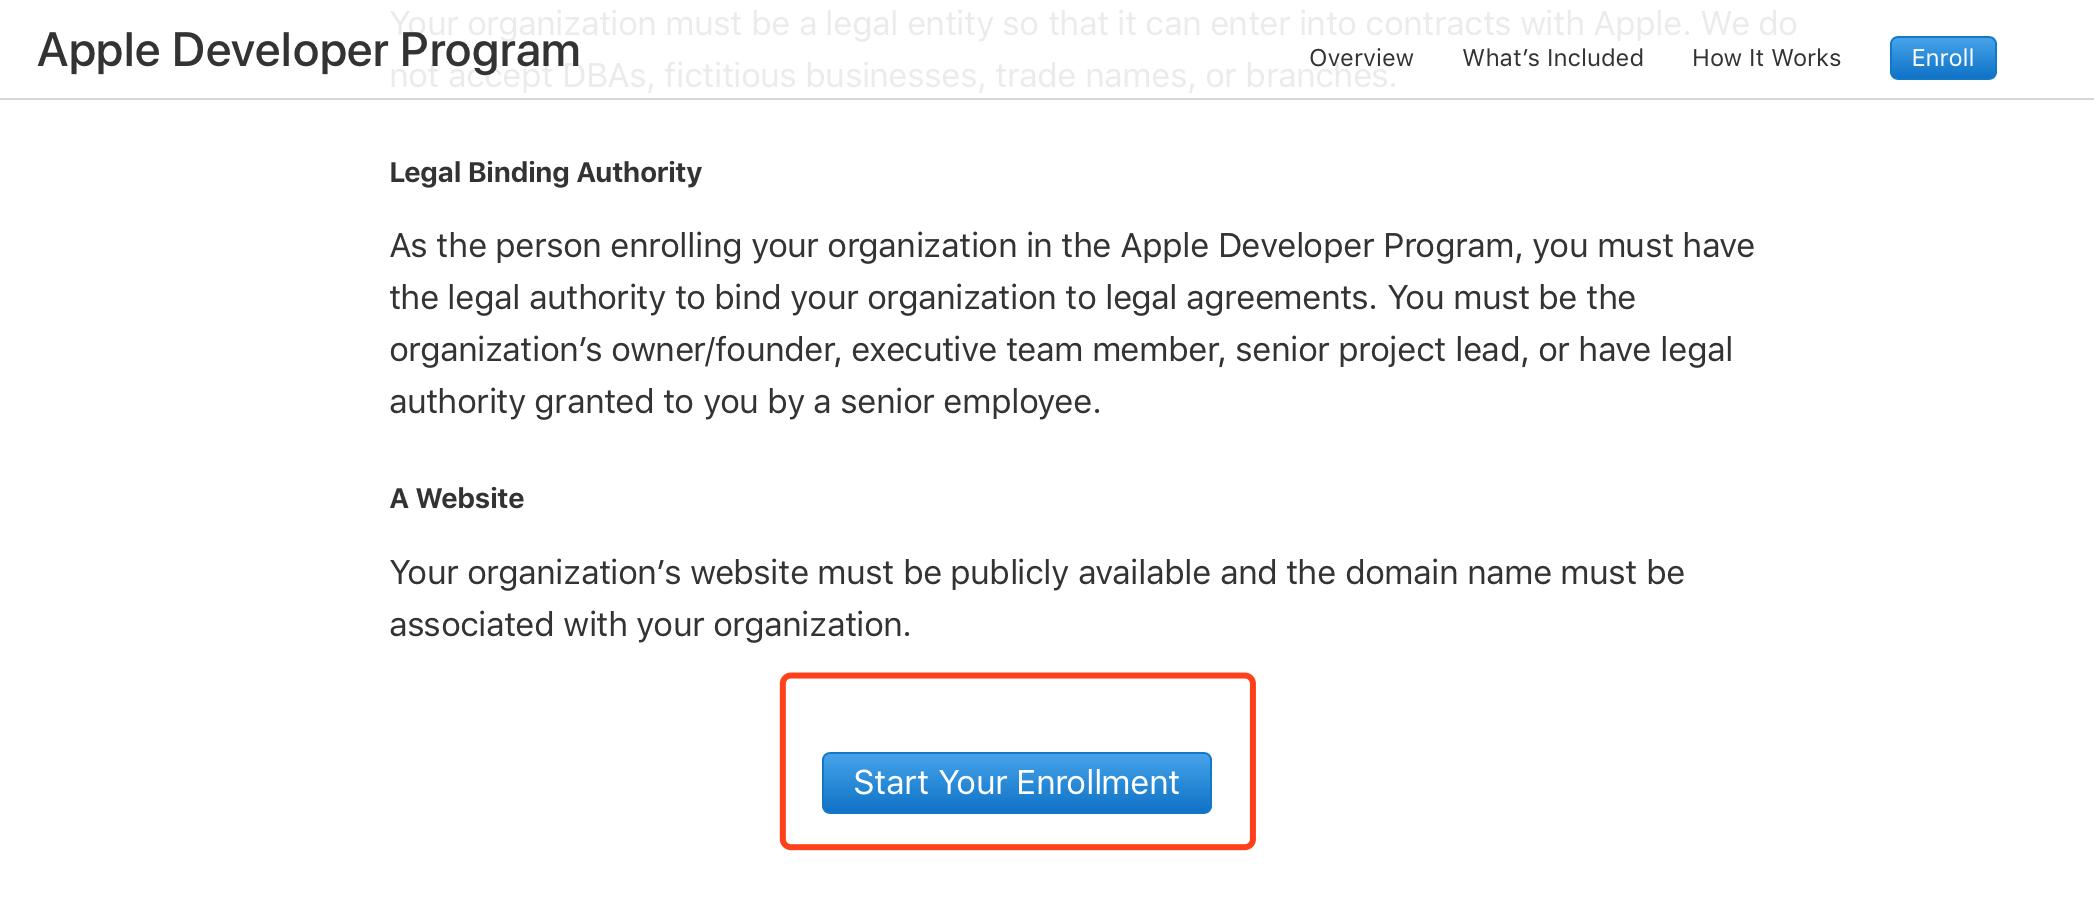 20180507-最新Apple开发者公司账号的申请过程(五)-申请苹果公司开发者账号-资料提交